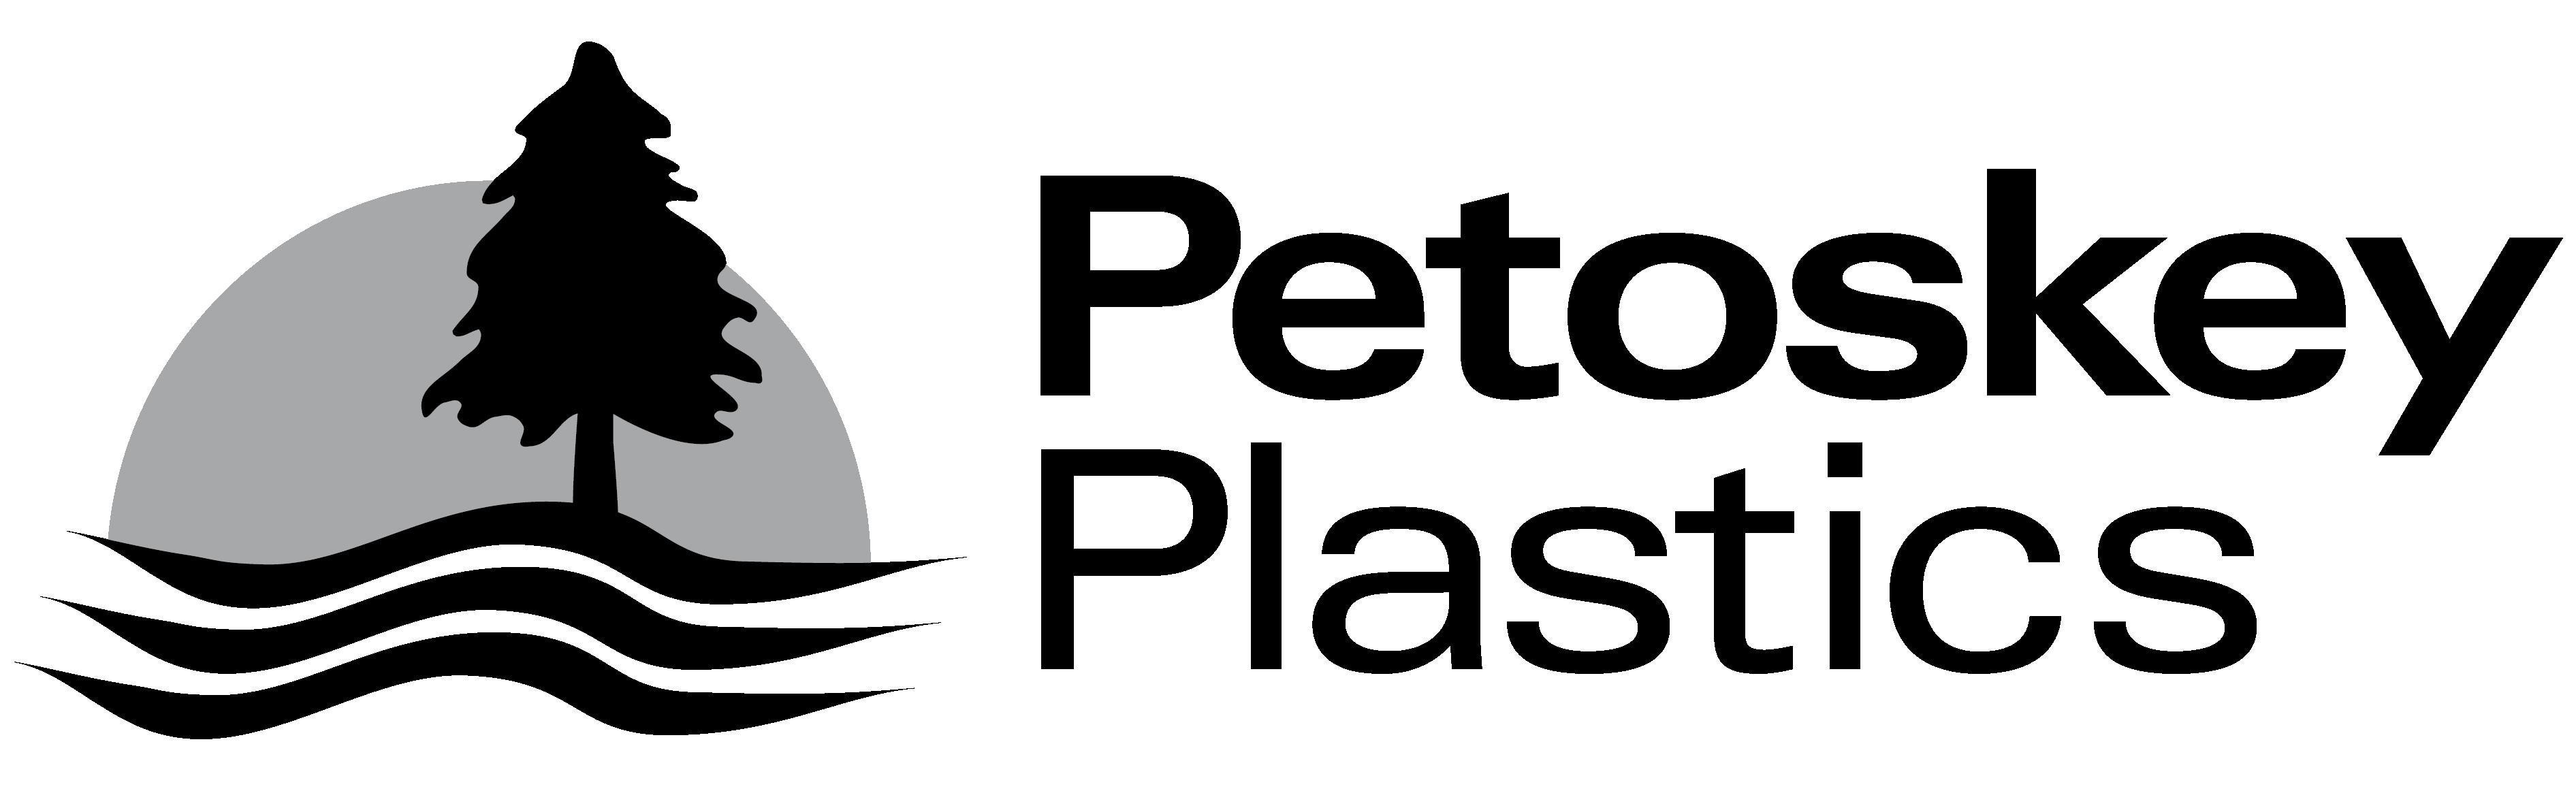 ptsky logo bw 01